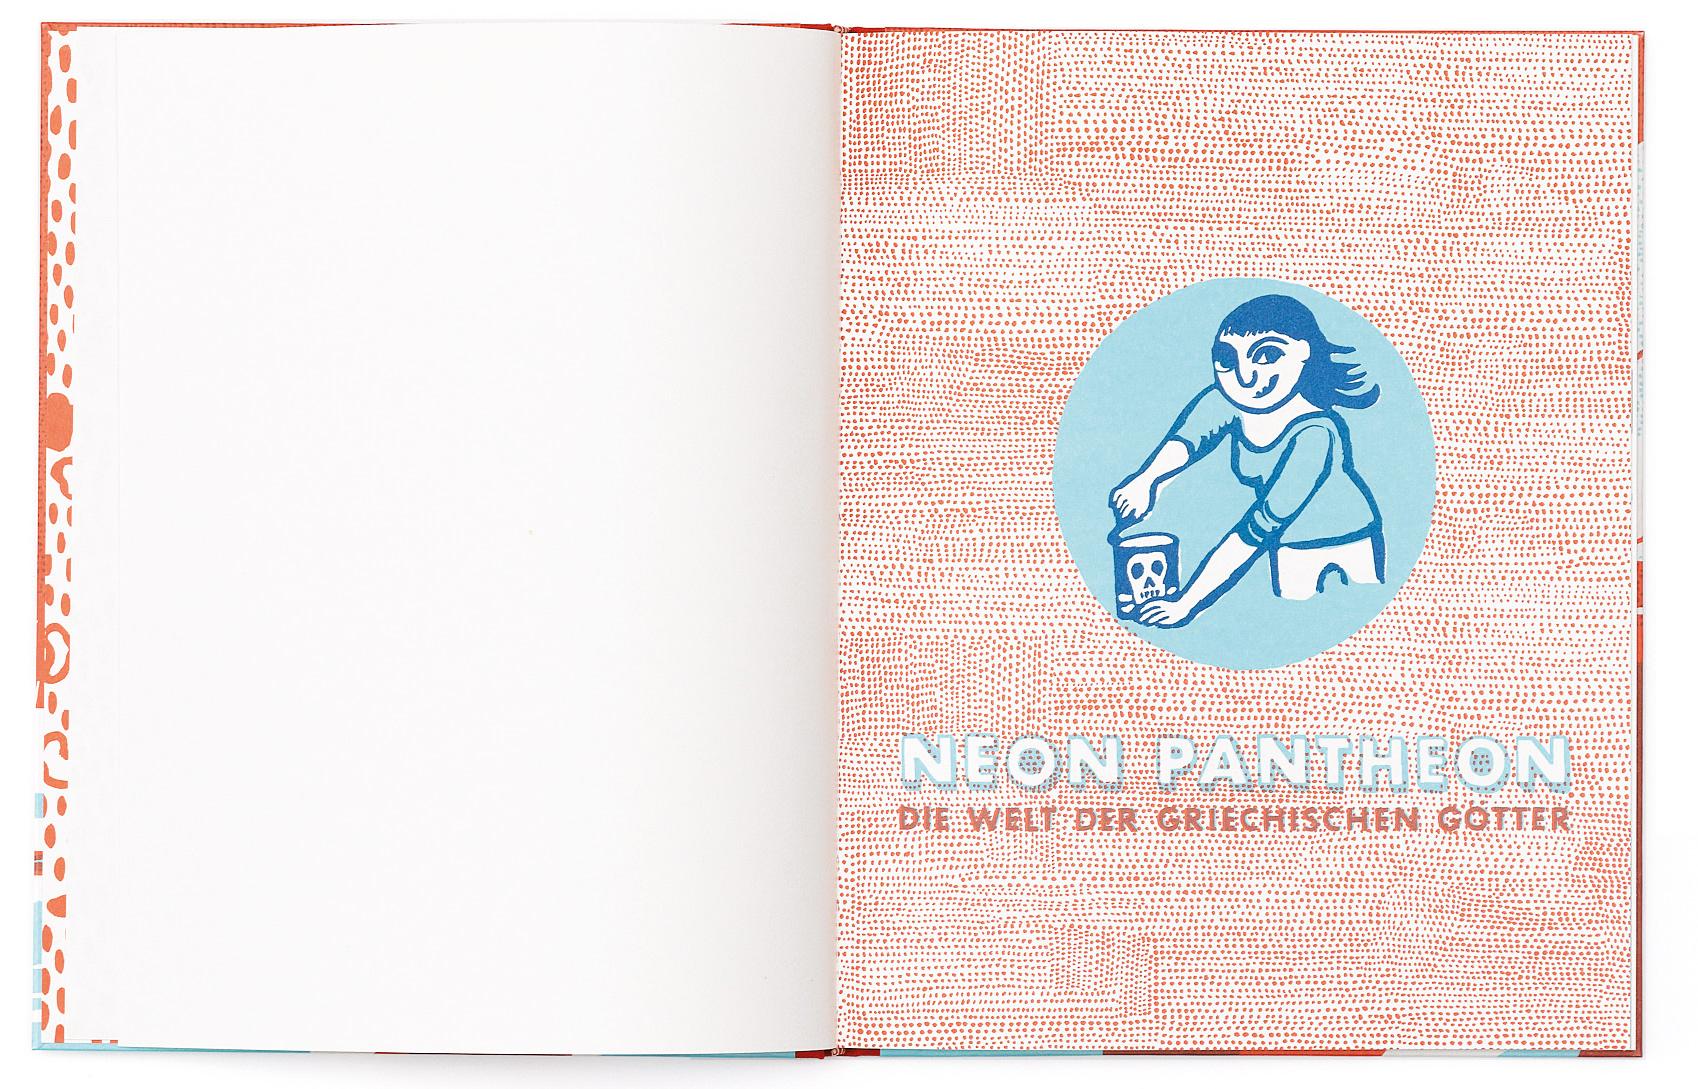 neon-pantheon-illustrationen-book